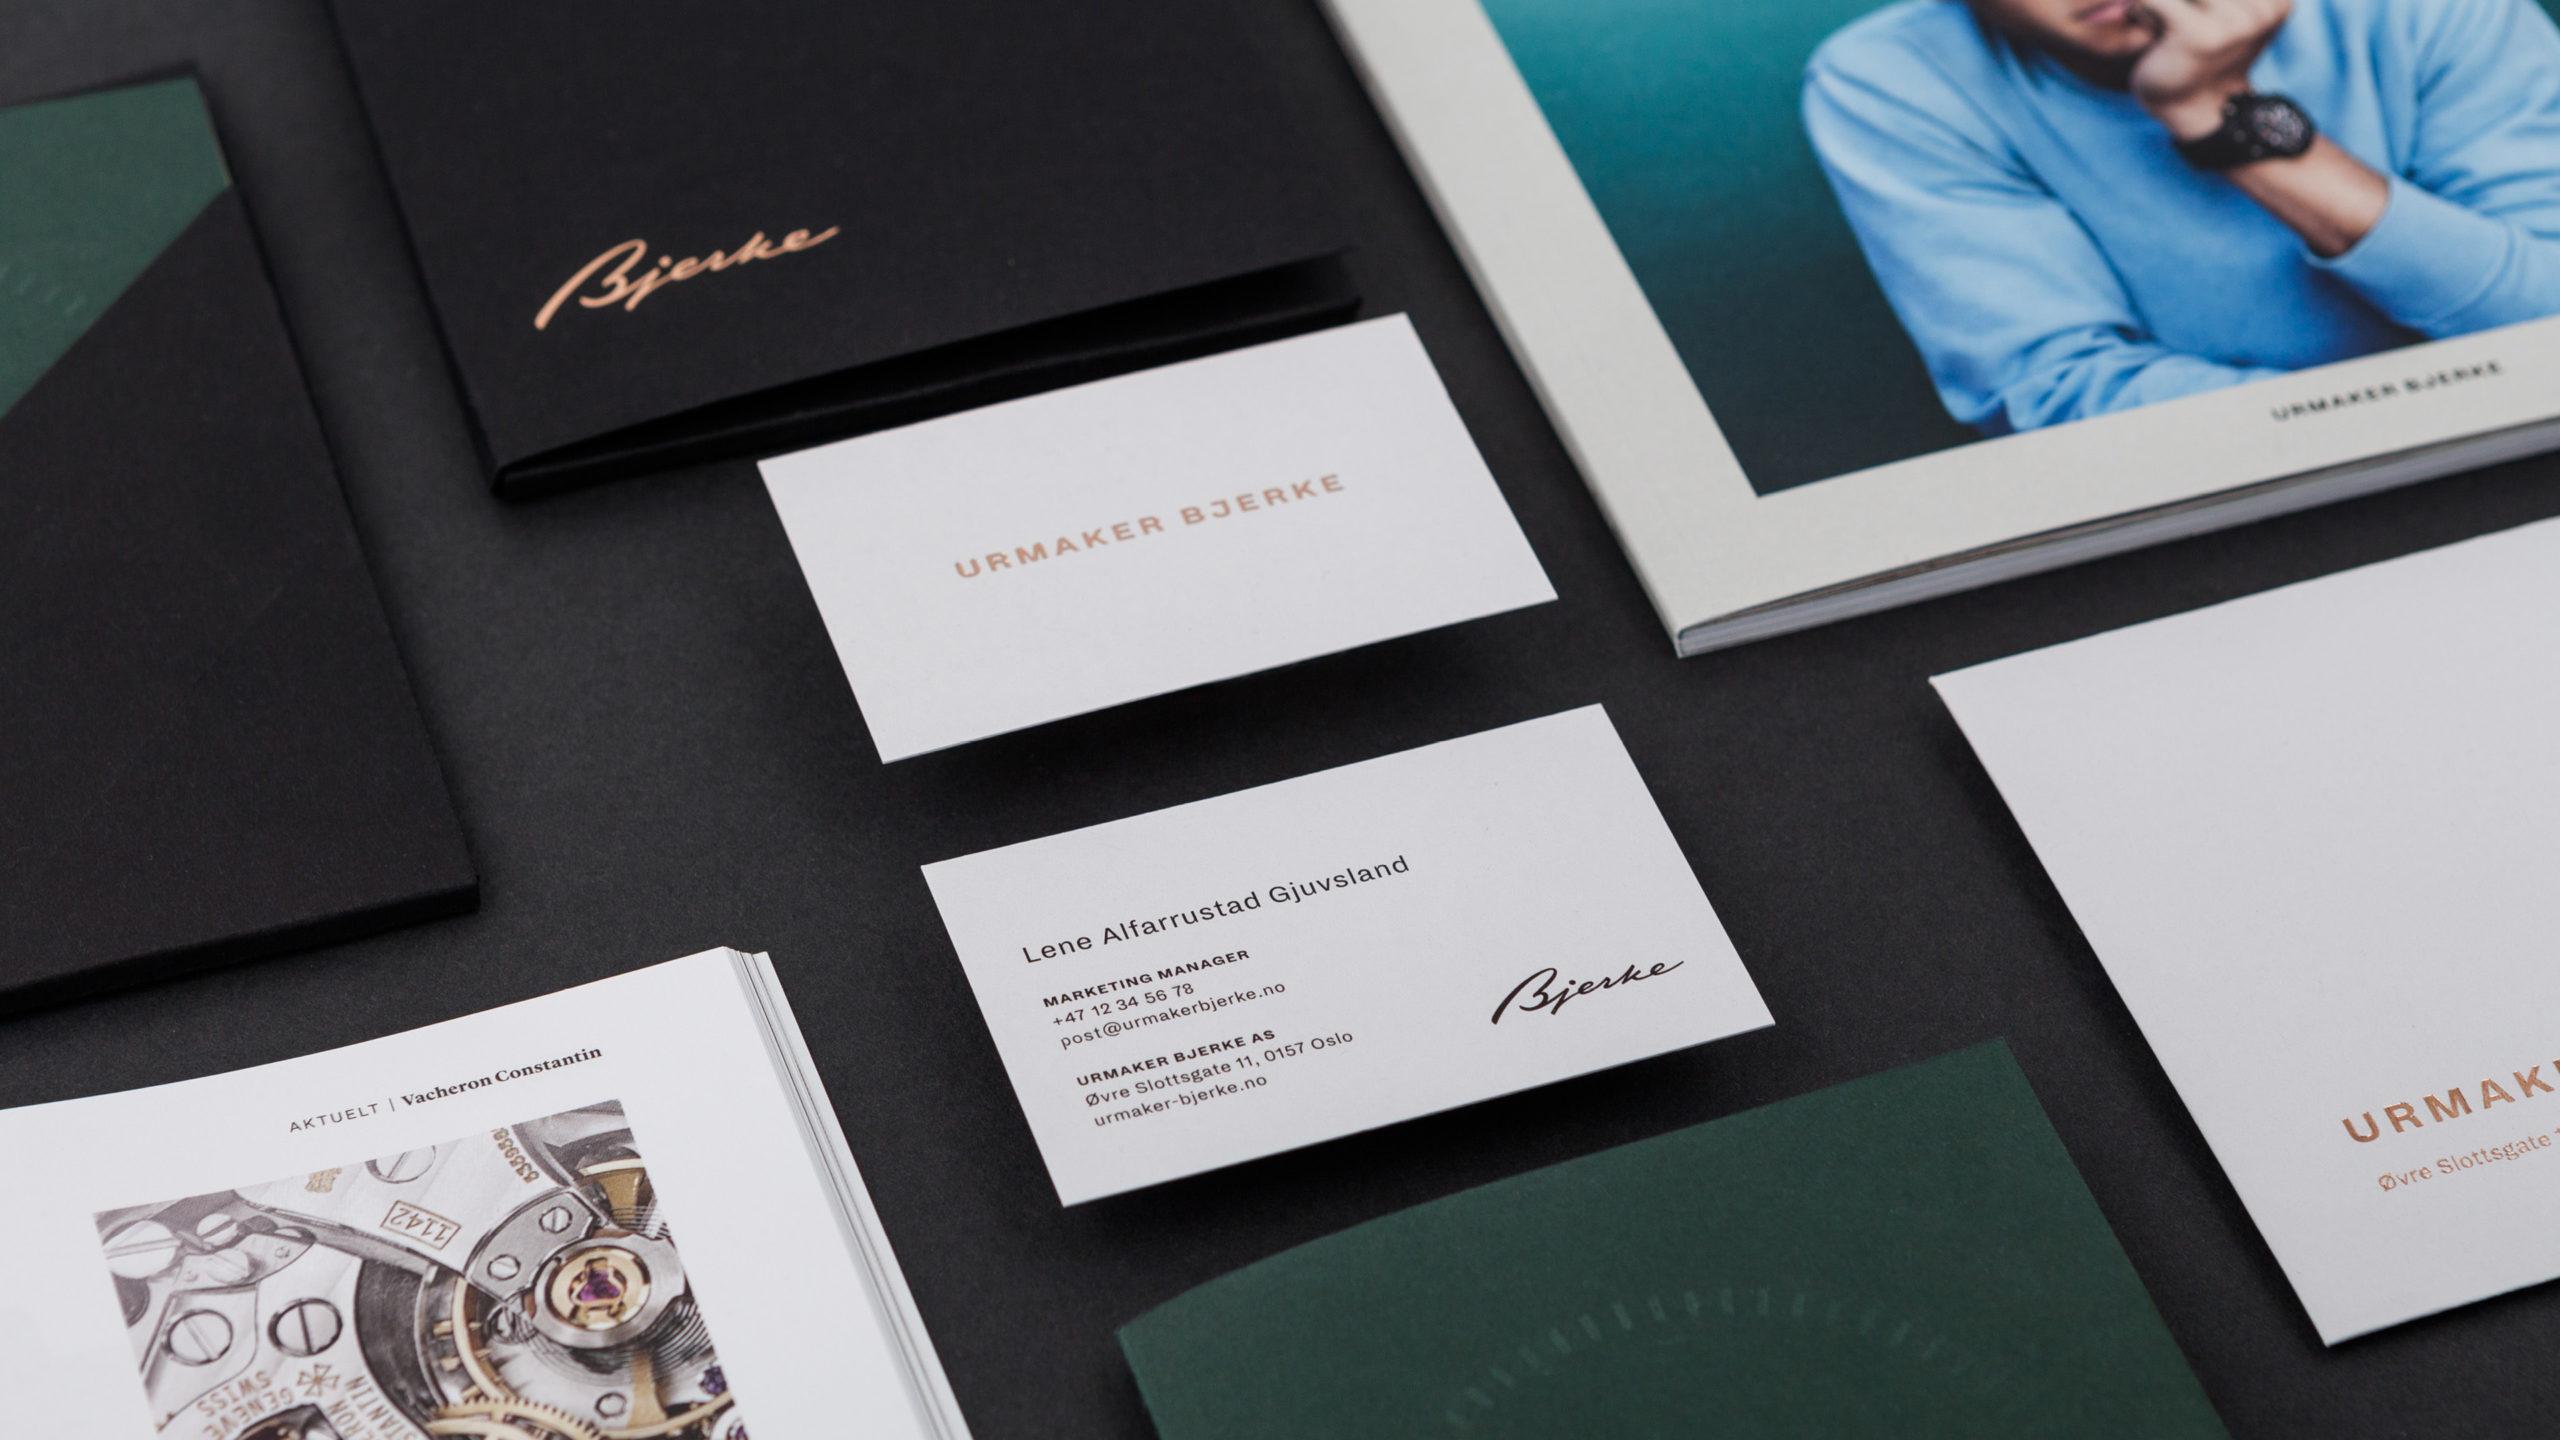 graphics/branding for Urmaker Bjerke